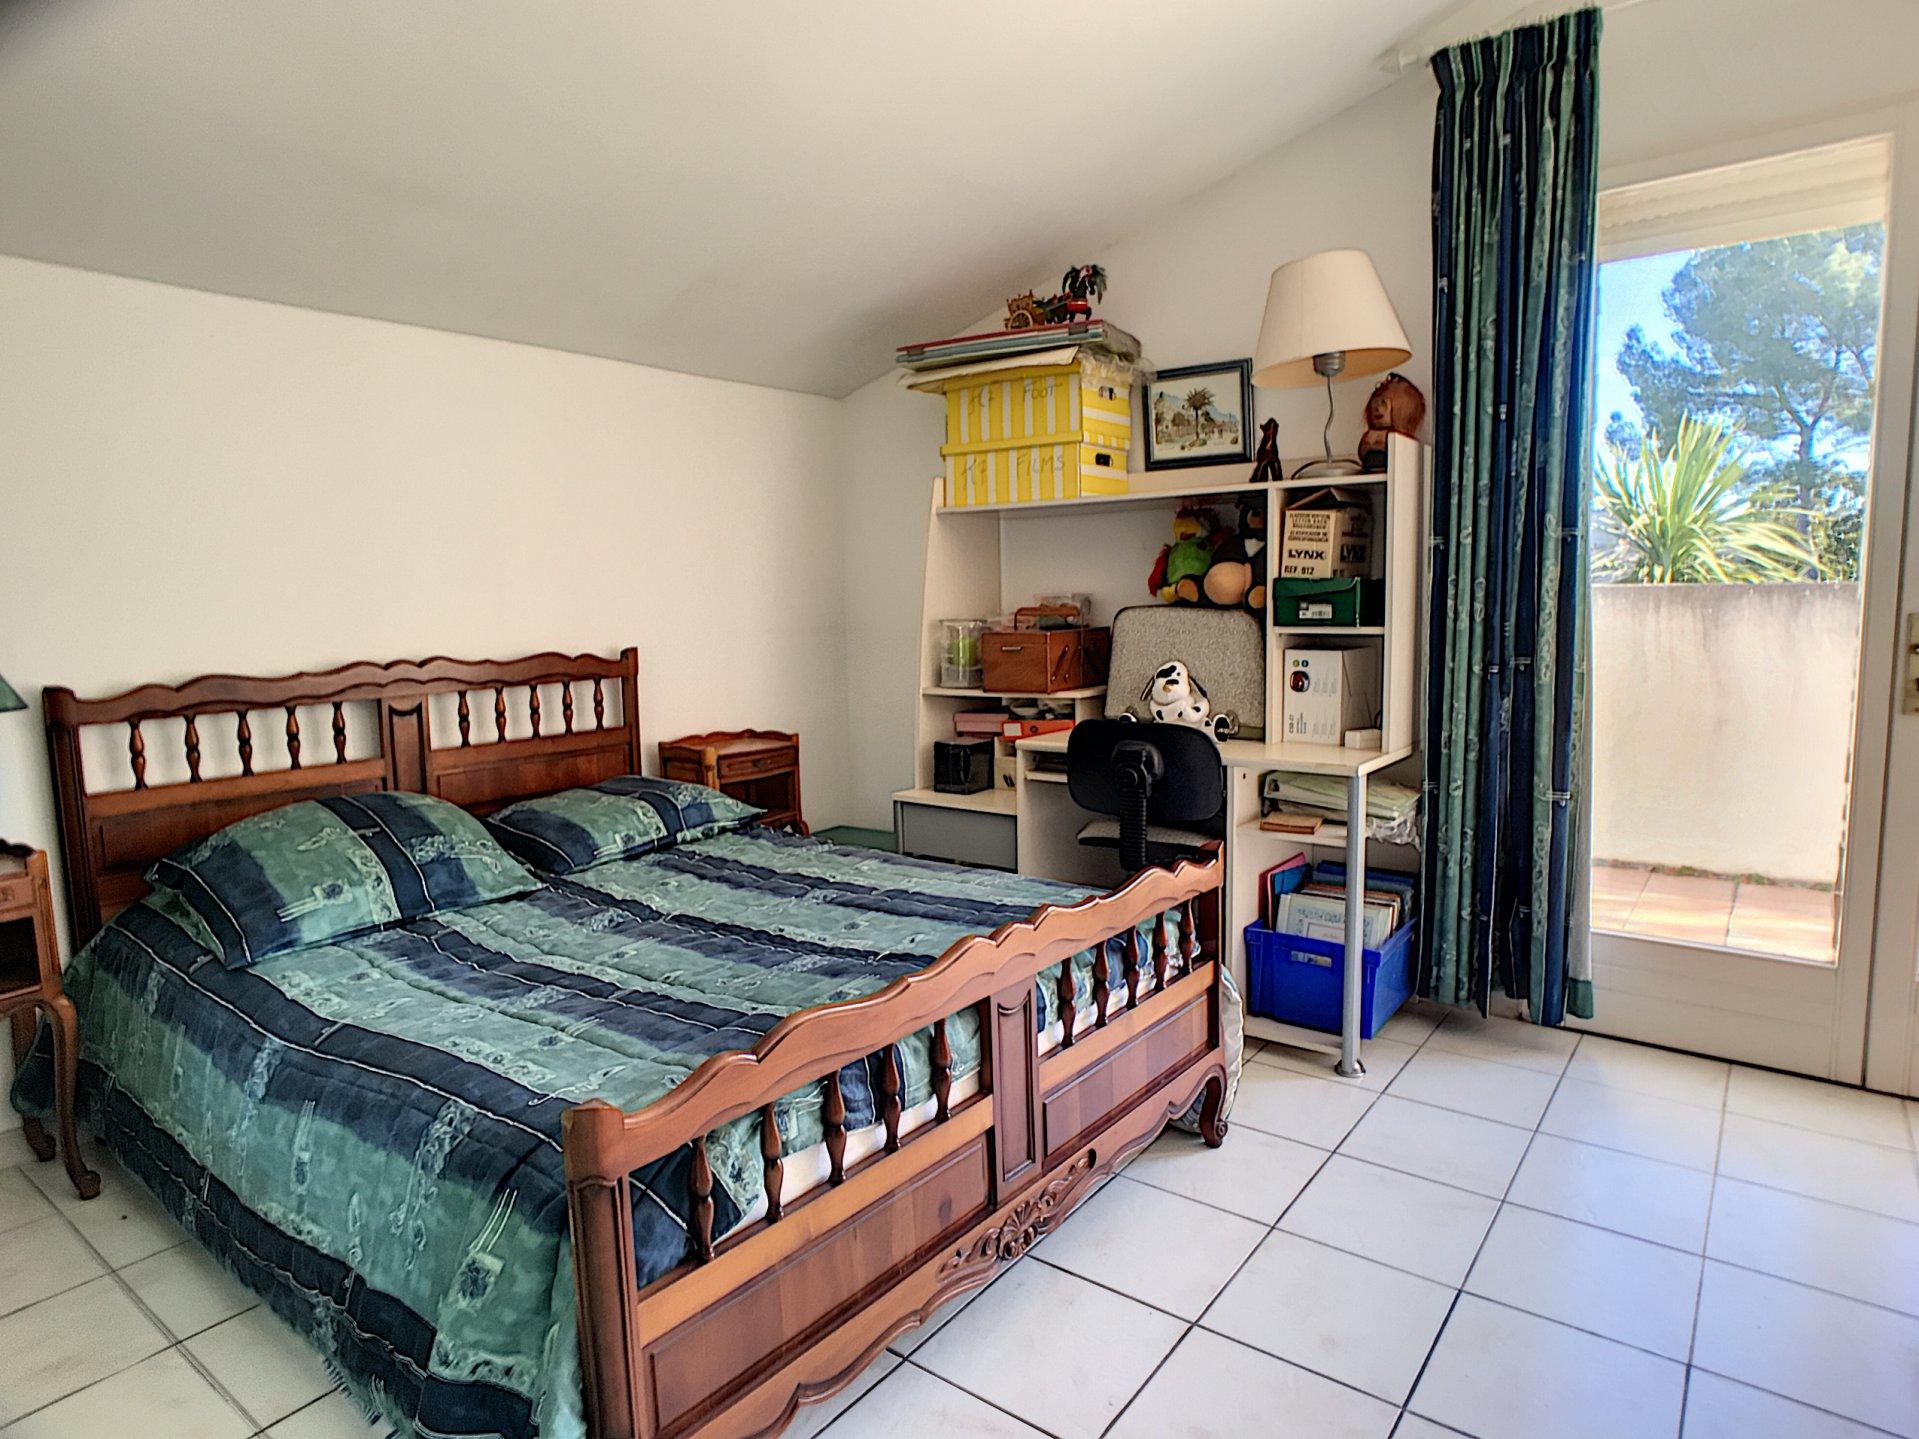 Villa 6 bedrooms in a quiet area